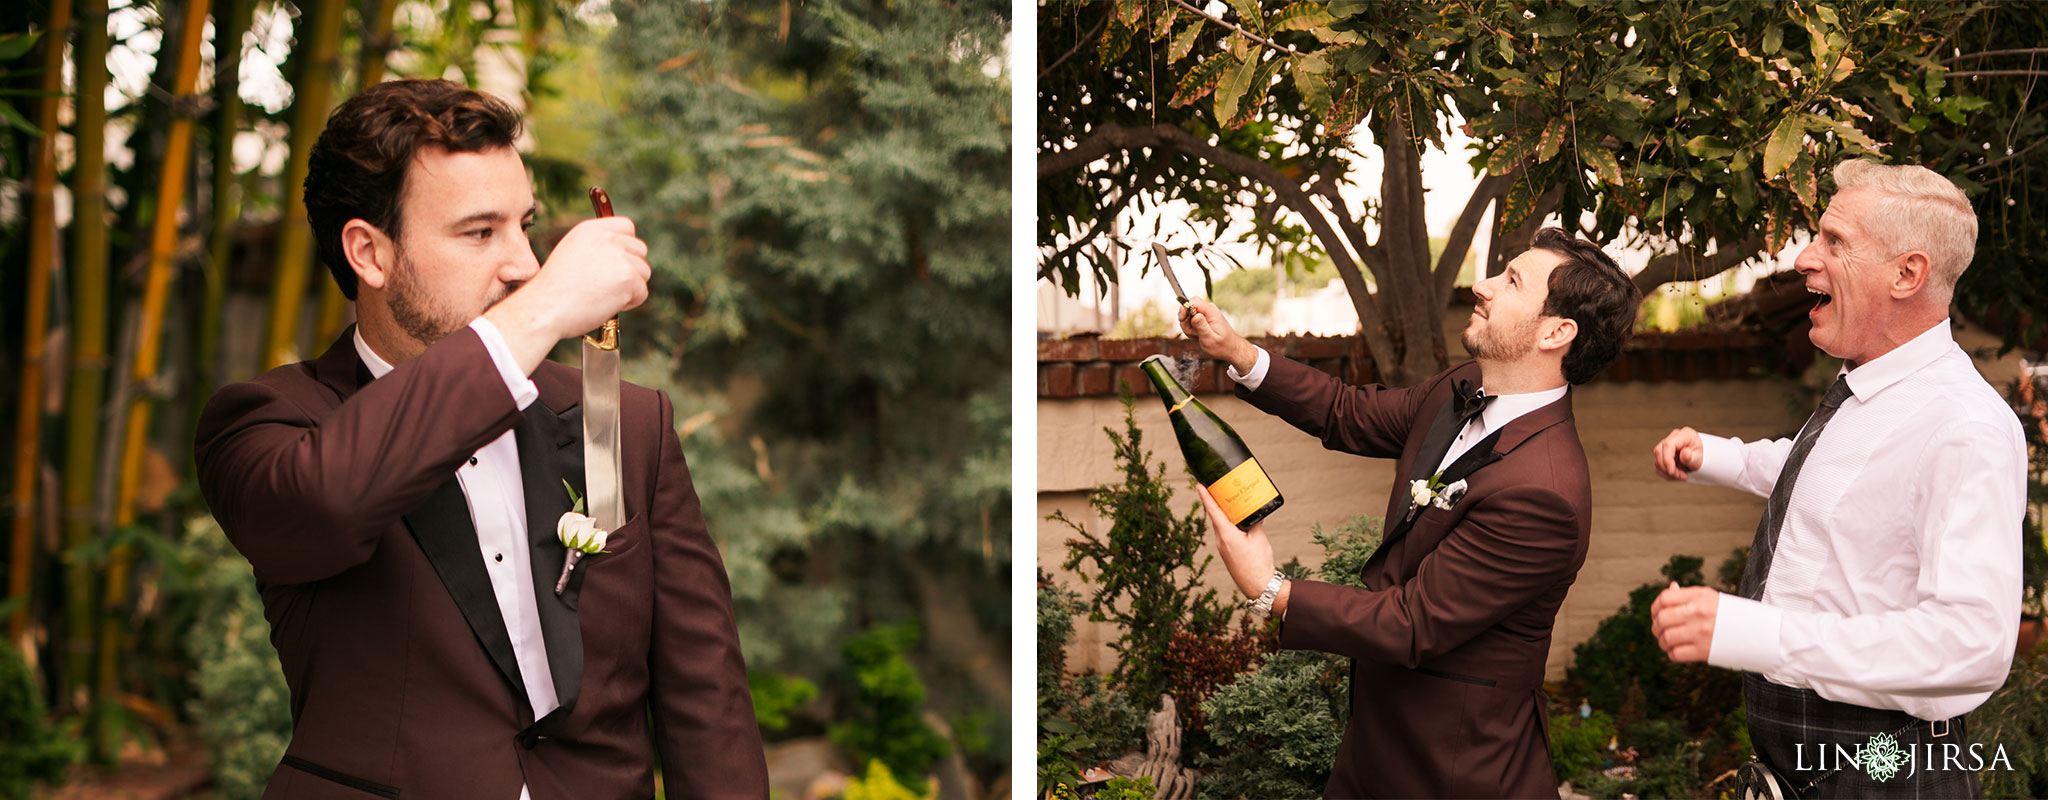 20 sherman library gardens corona del mar same sex wedding photography